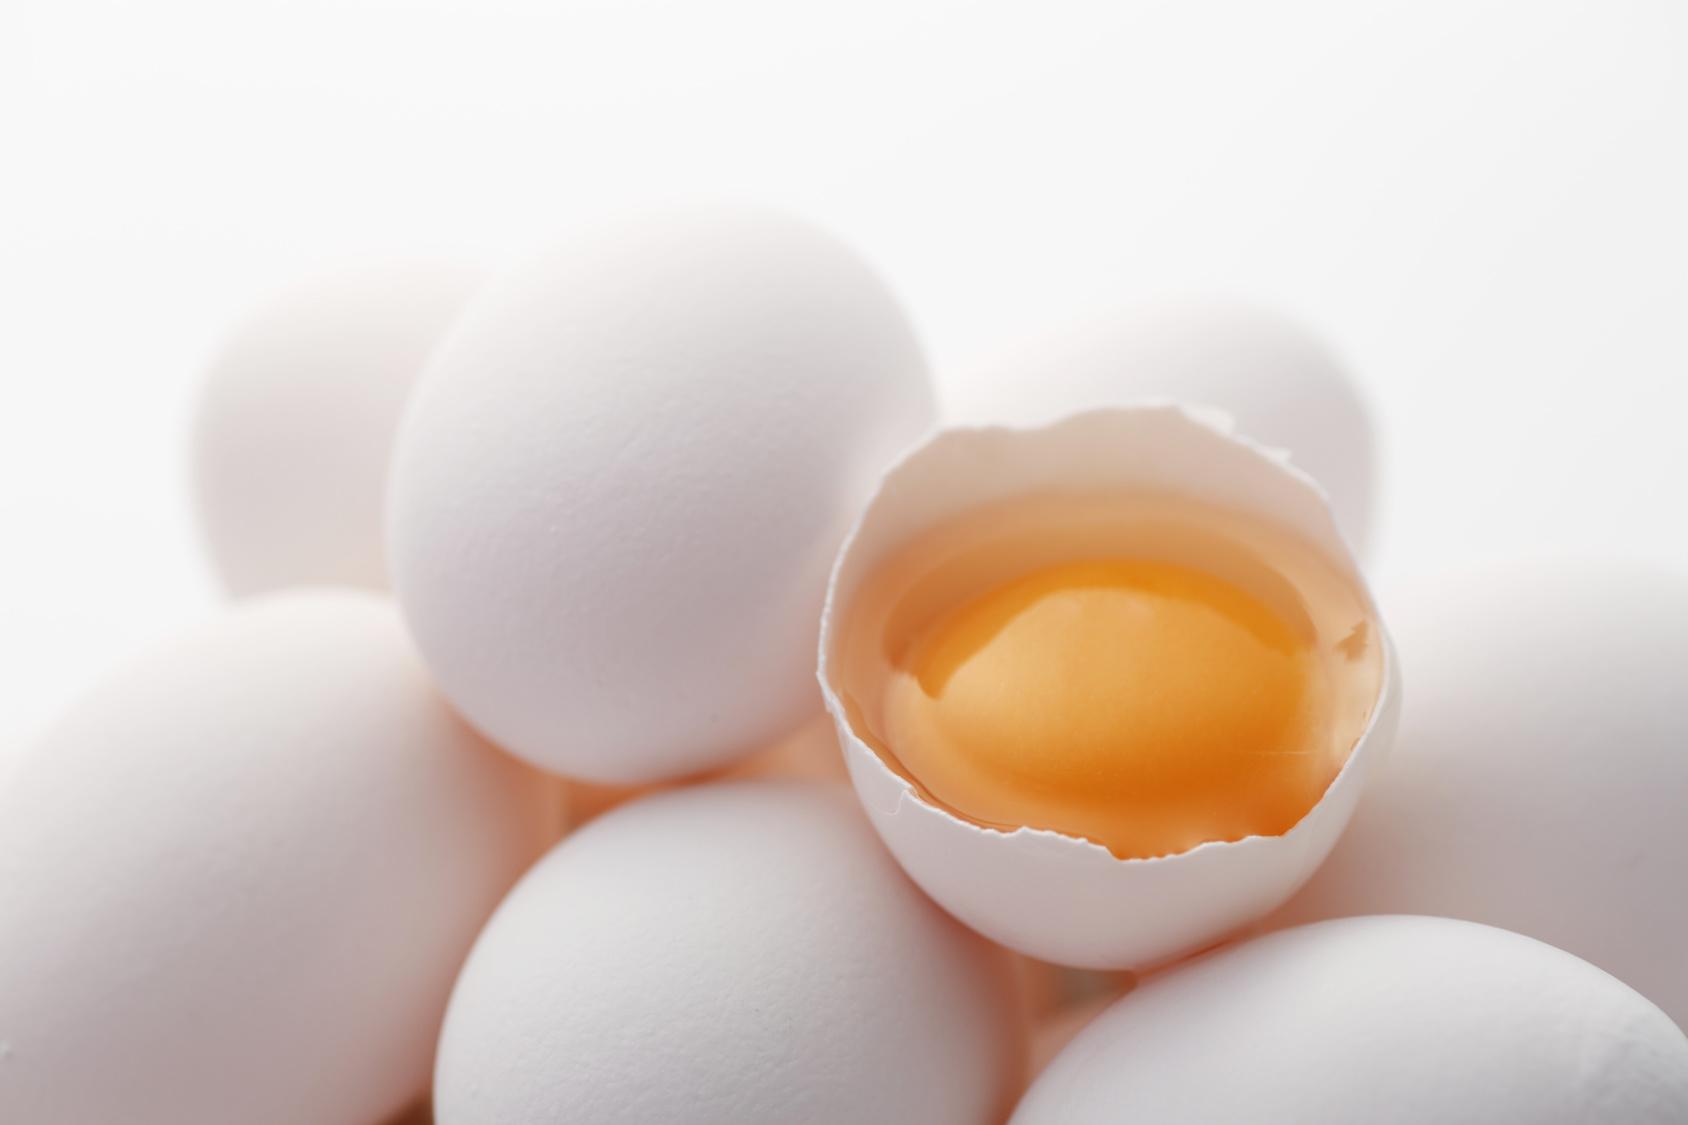 タンパク質 生 卵